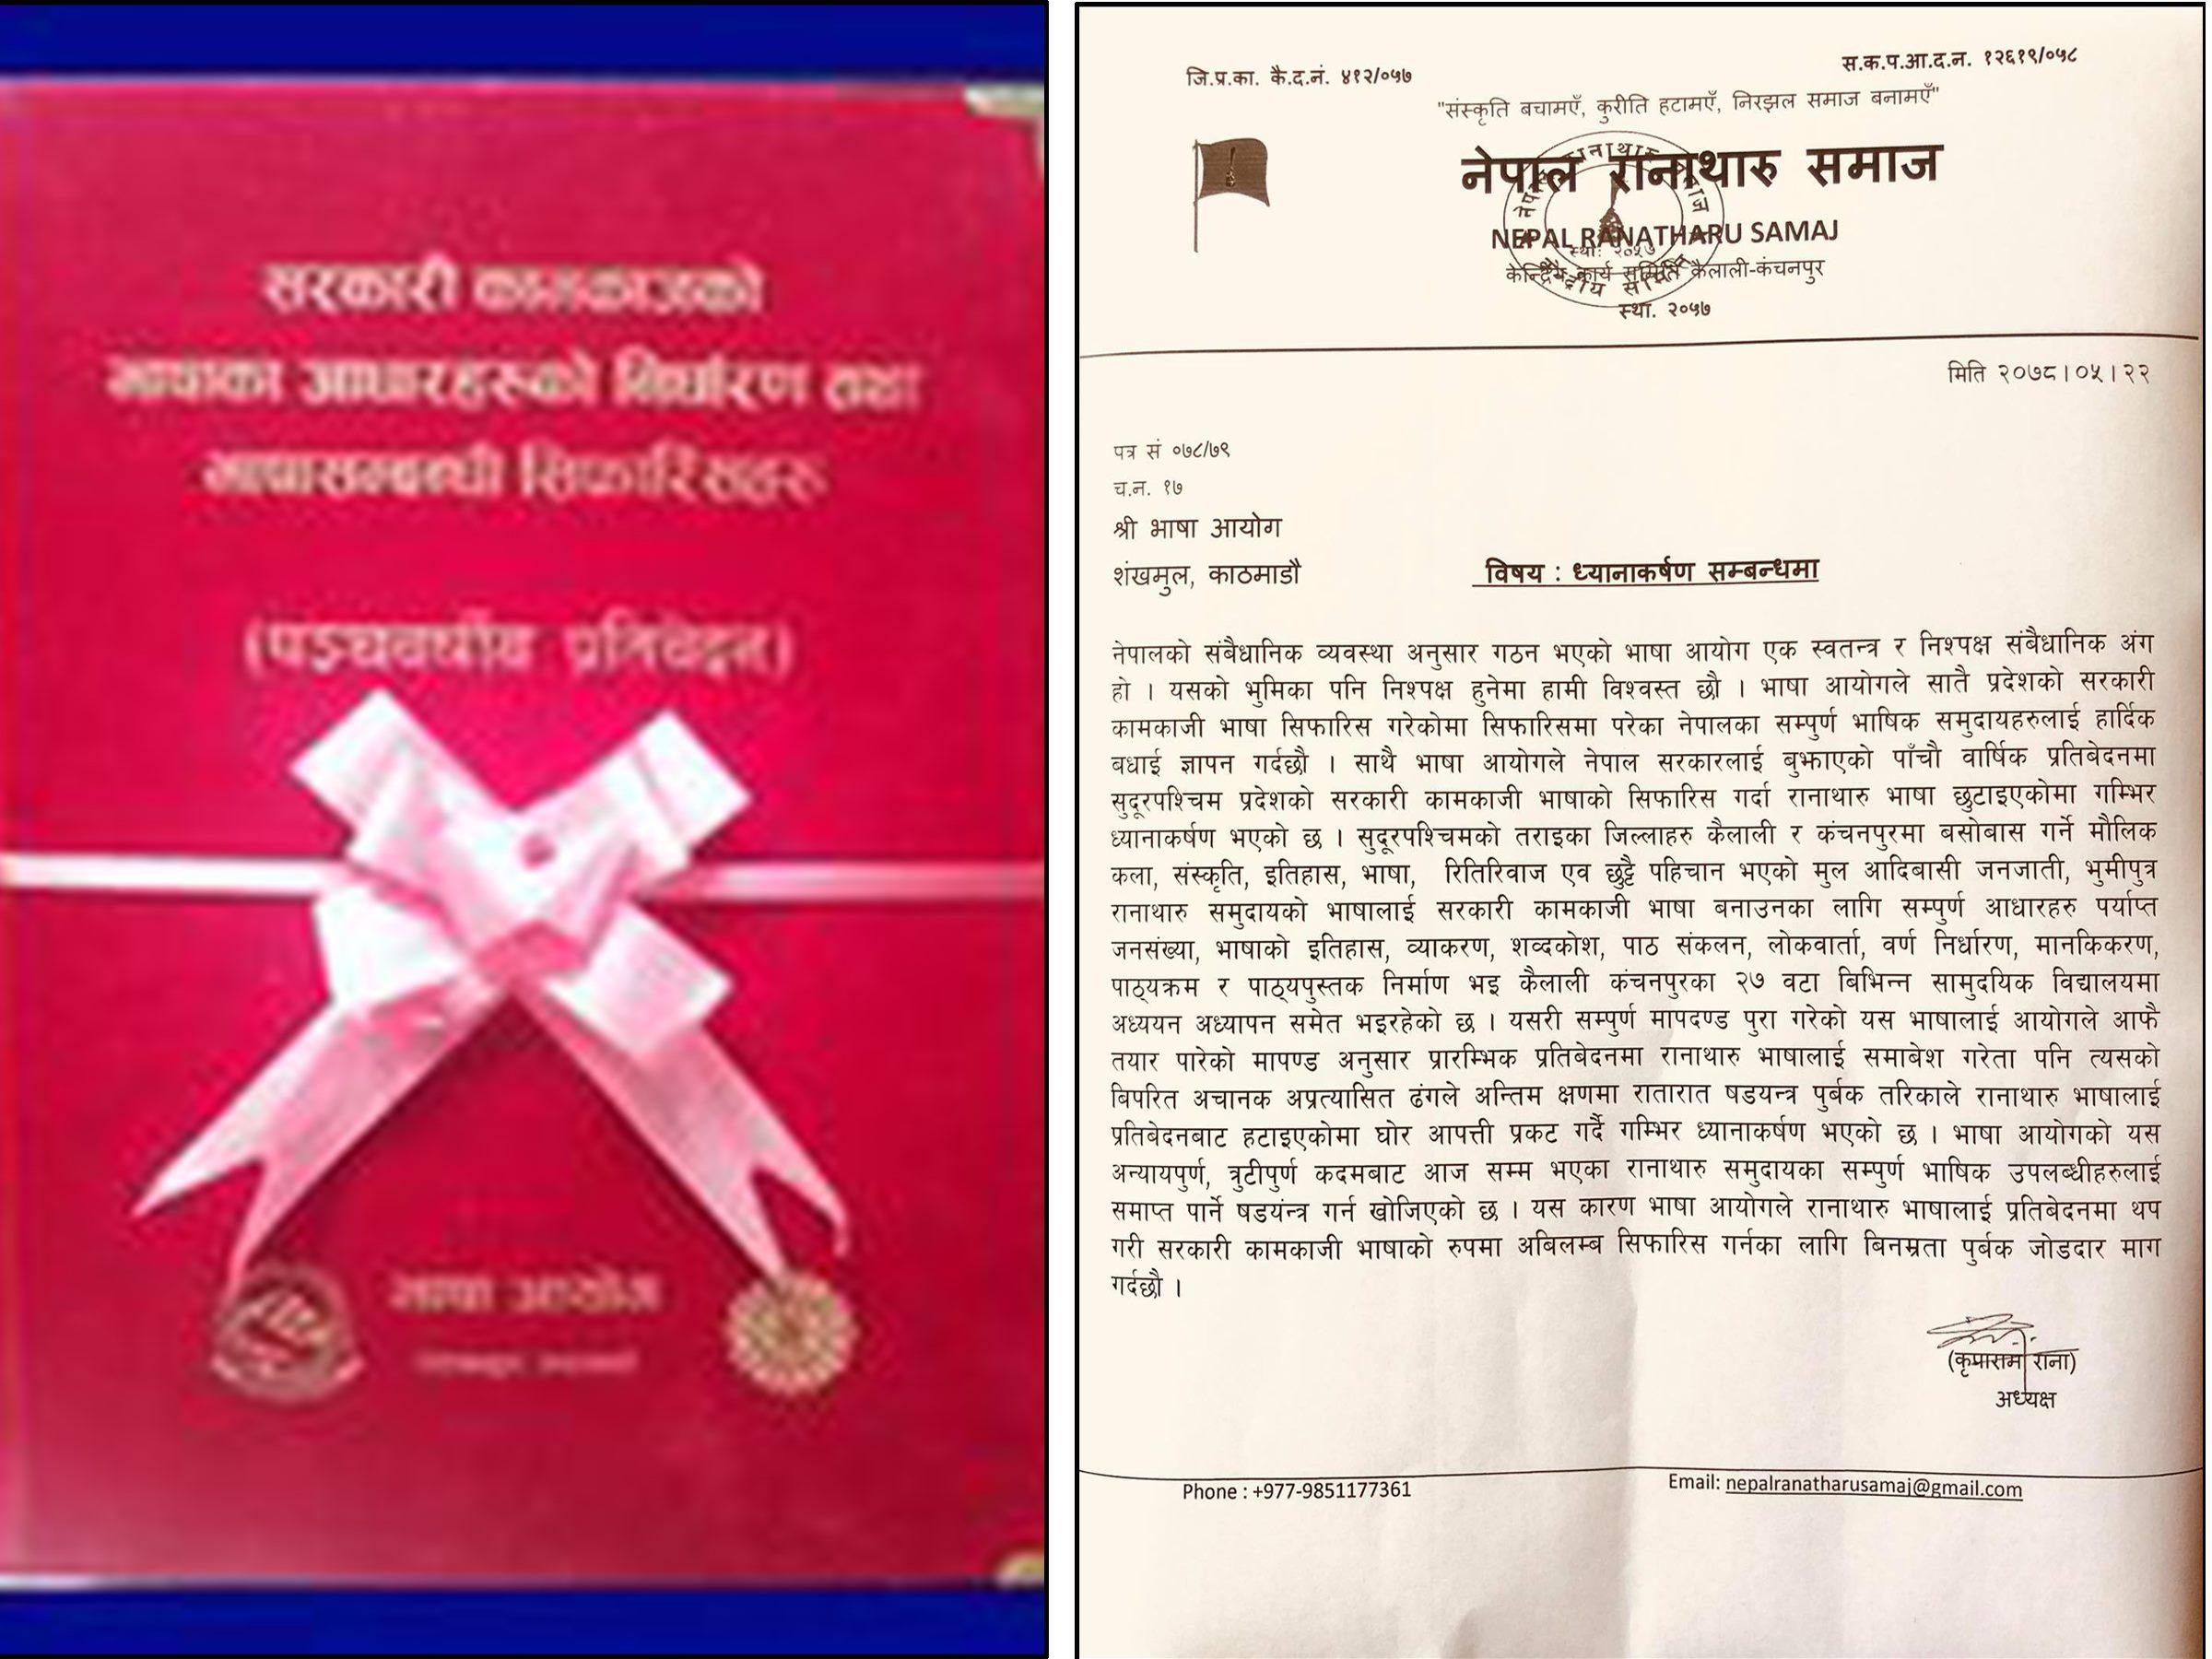 रानाथारू भाषालाई  सरकारी कामकाजी भाषा बनाउनु पर्ने भन्दै भाषा आयोगलाई ज्ञापन पत्र